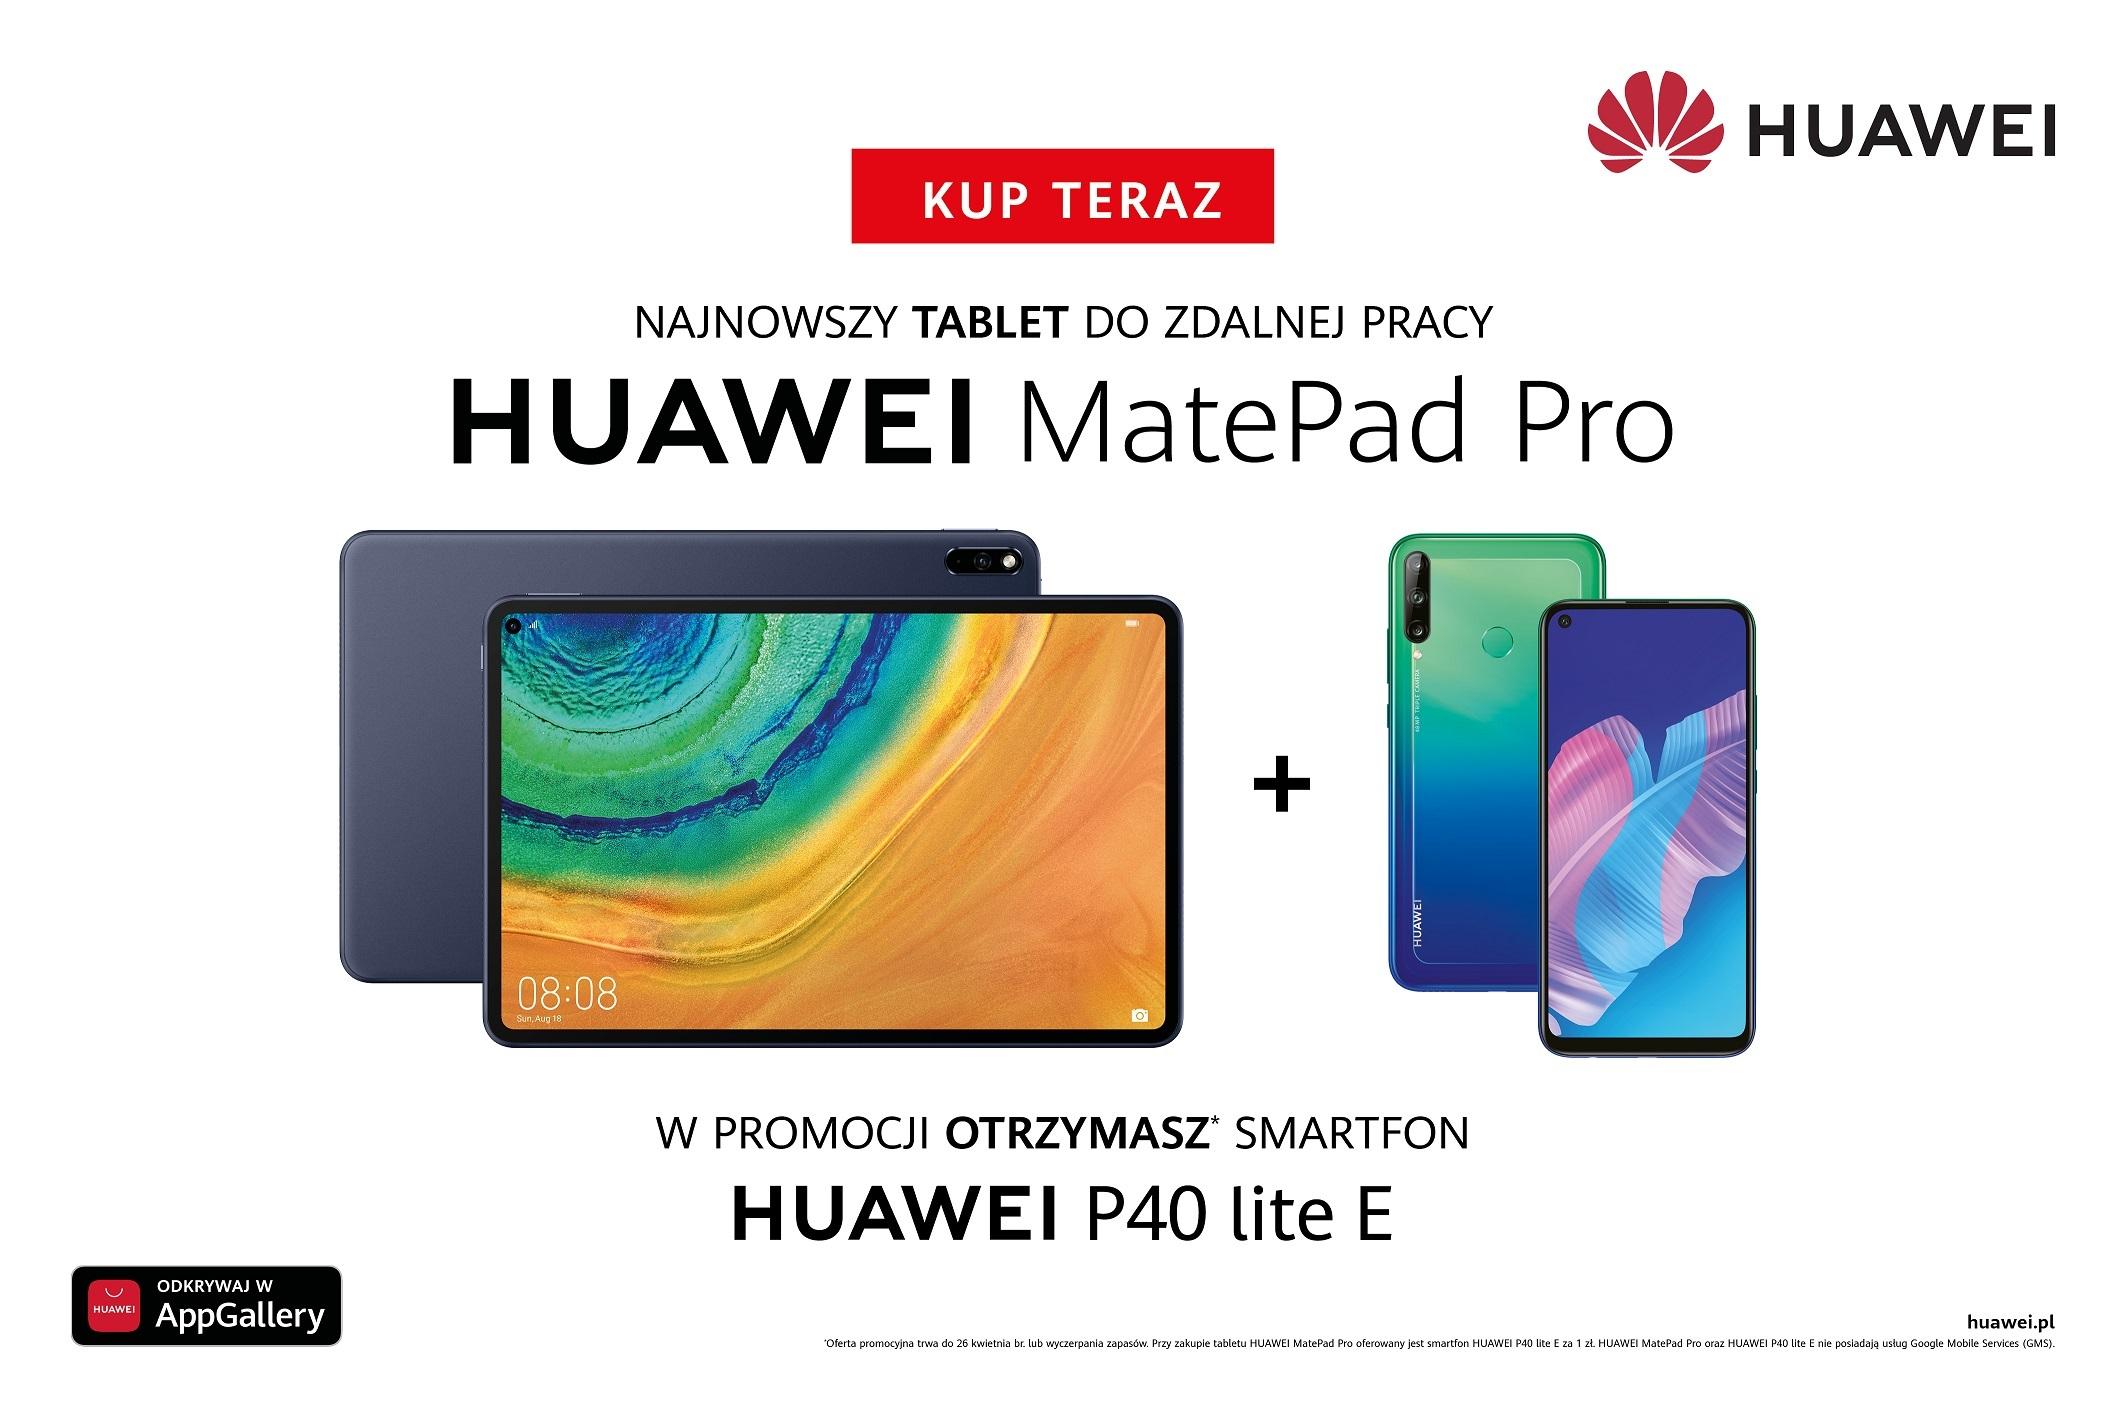 Niezła oferta: przy zakupie tabletu Huawei MatePad Pro, smartfon P40 Lite E za złotówkę